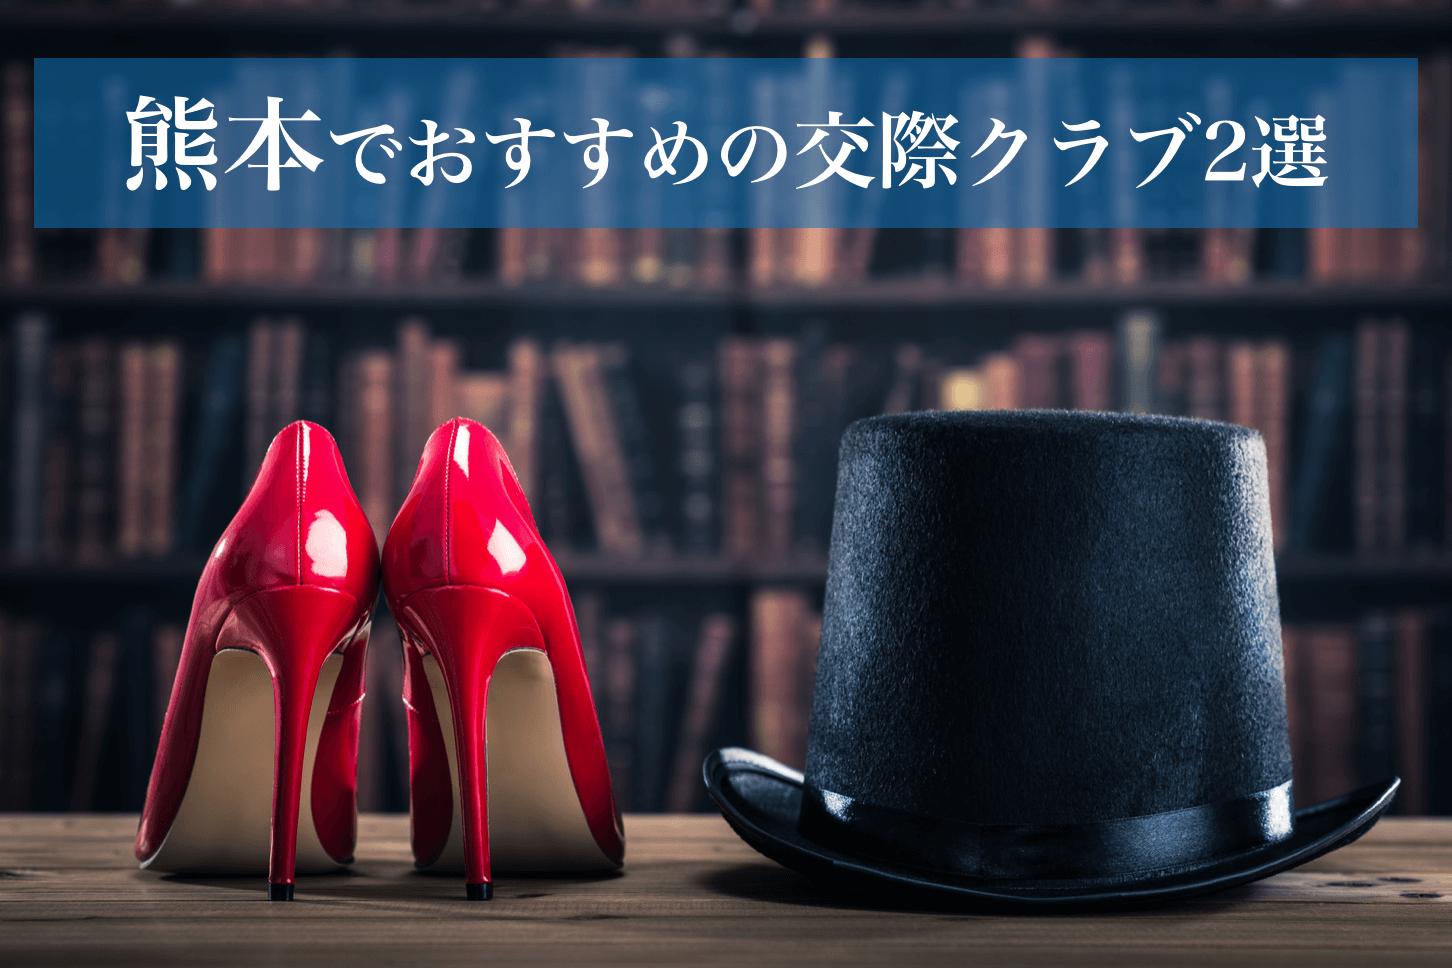 熊本でおすすめの交際クラブ2選